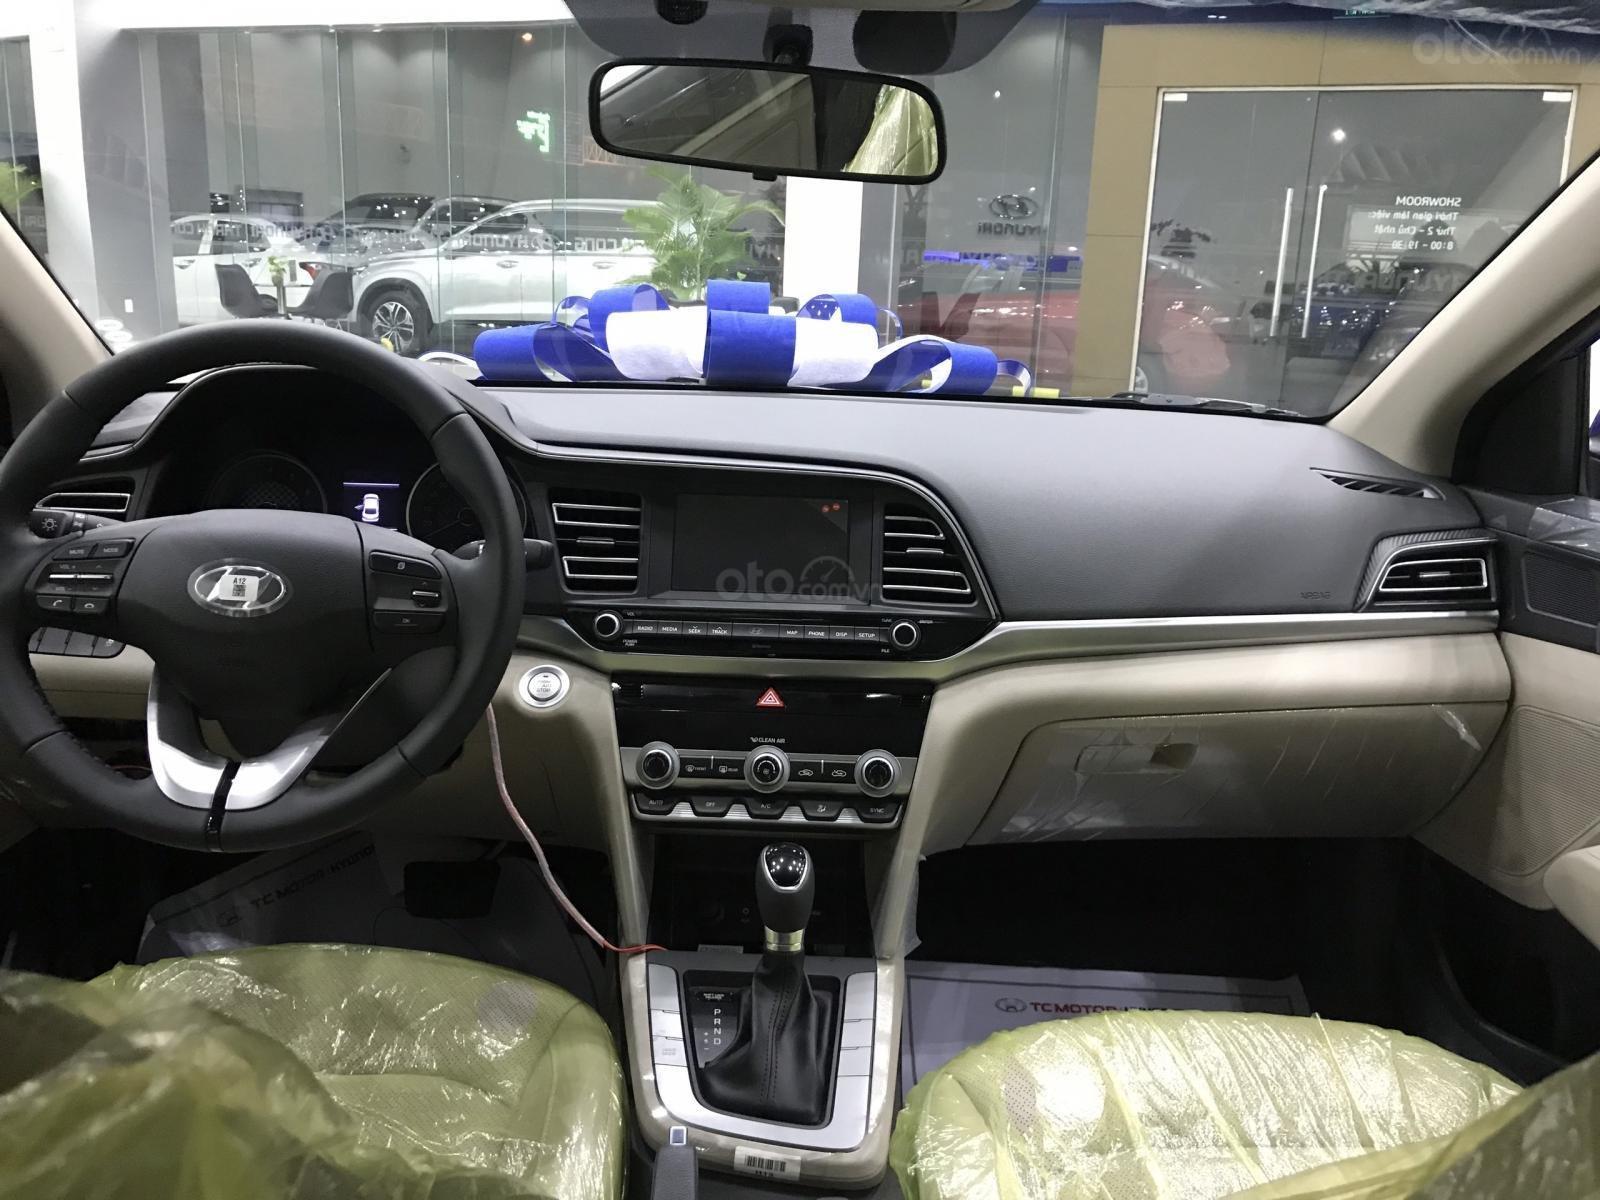 Elantra 1.6AT xanh coban, 1 xe duy nhất giá 605tr, tặng full phụ kiện chính hãng, khuyến mãi lên tới 50tr (3)